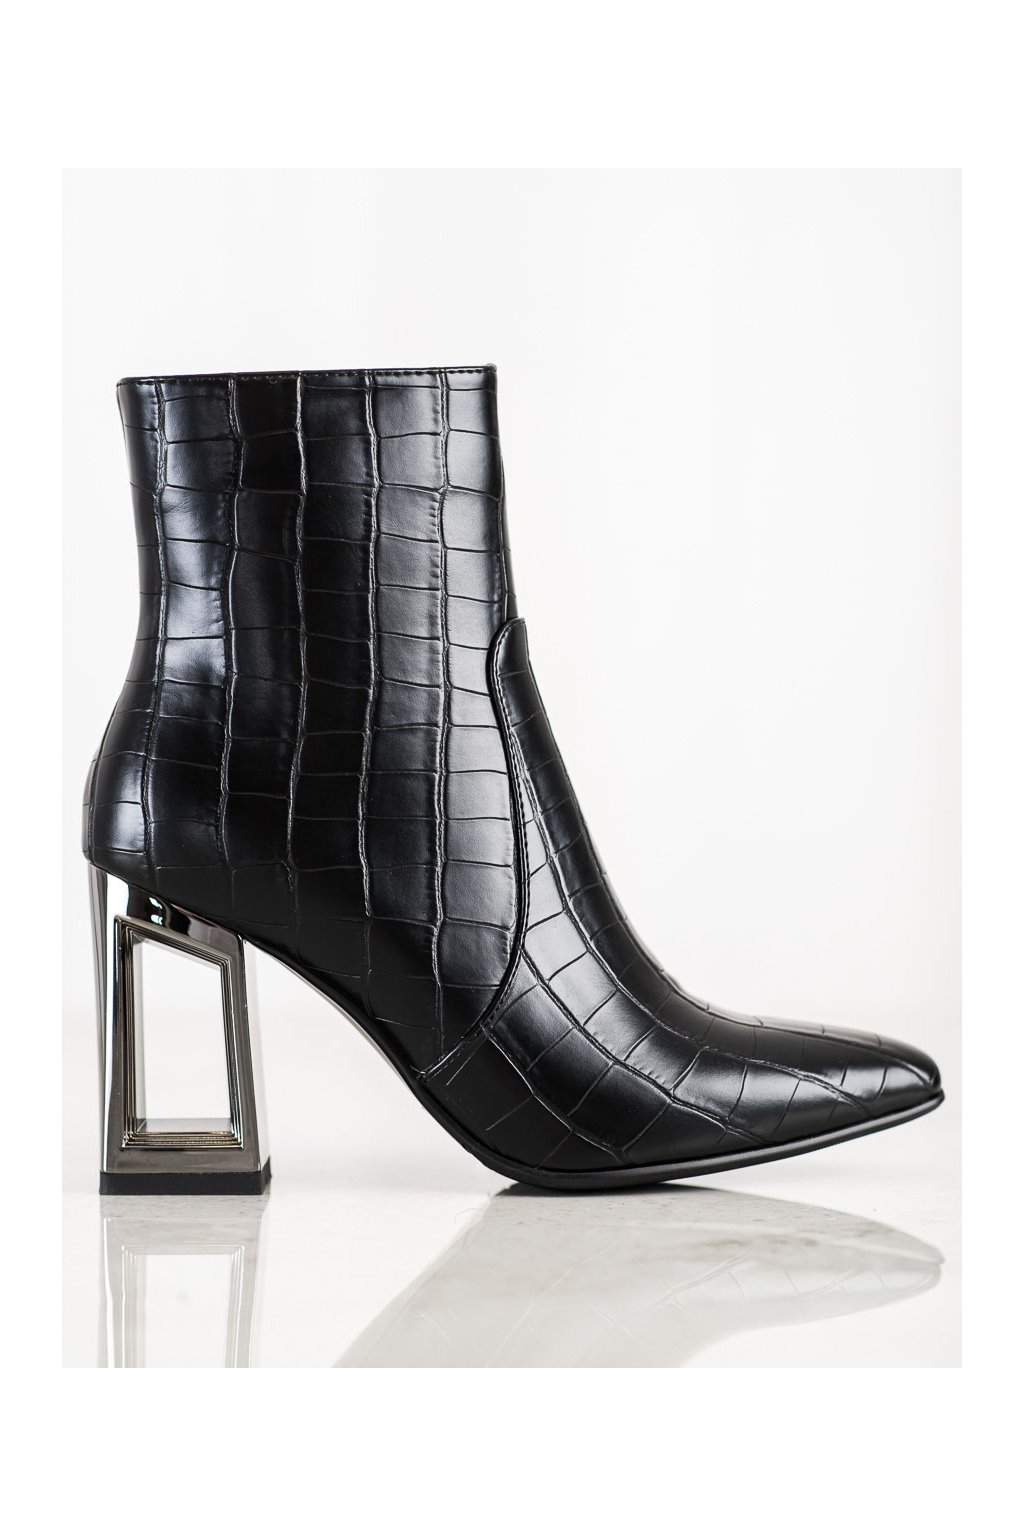 Čierne dámske topánky S. barski kod K23B